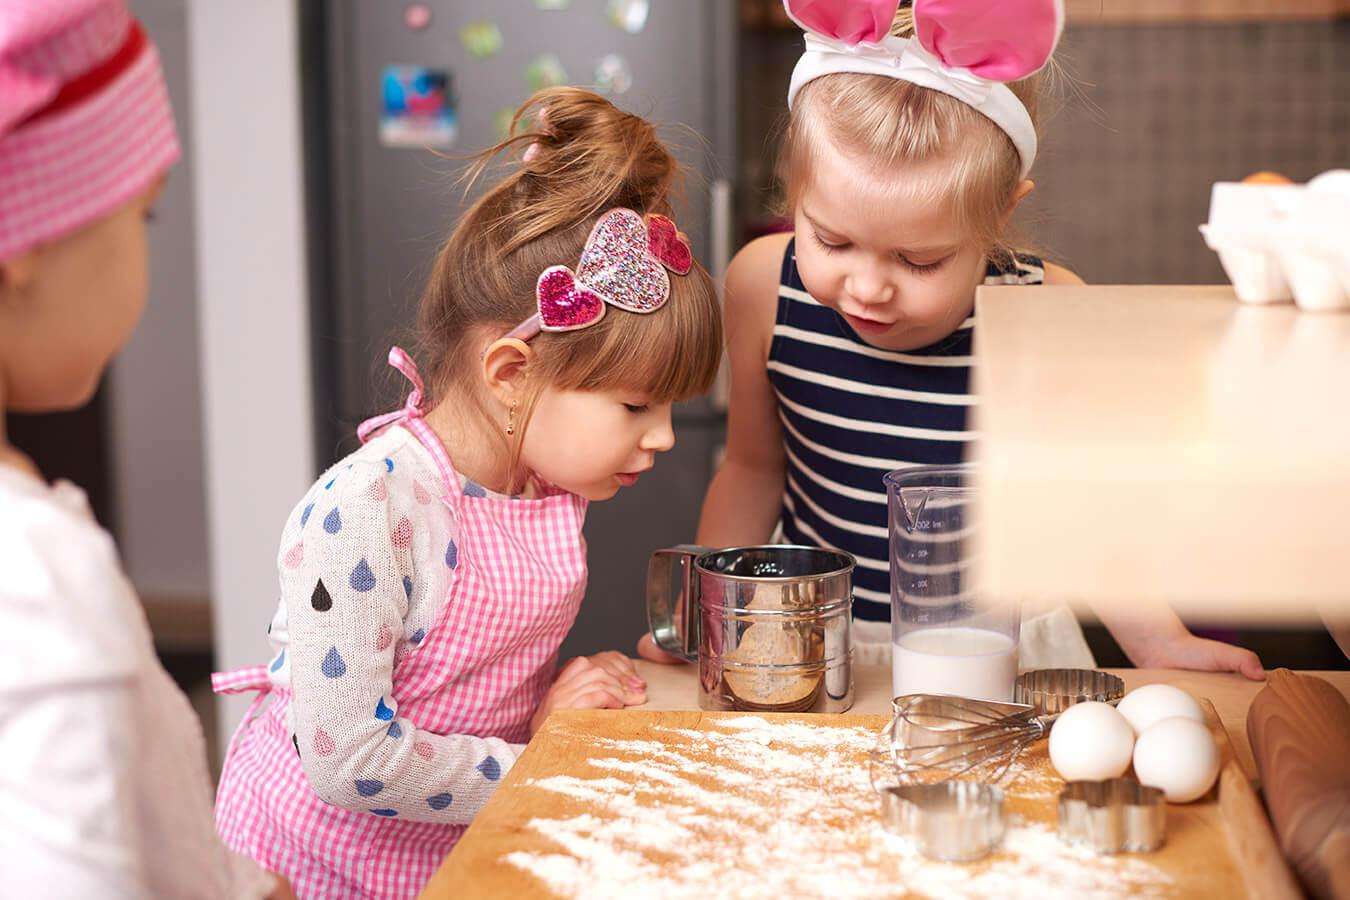 Czym zastąpić mąkę ziemniaczaną w cieście? Podpowiadamy, co można dodać zamiast mąki ziemniaczanej do ciasta